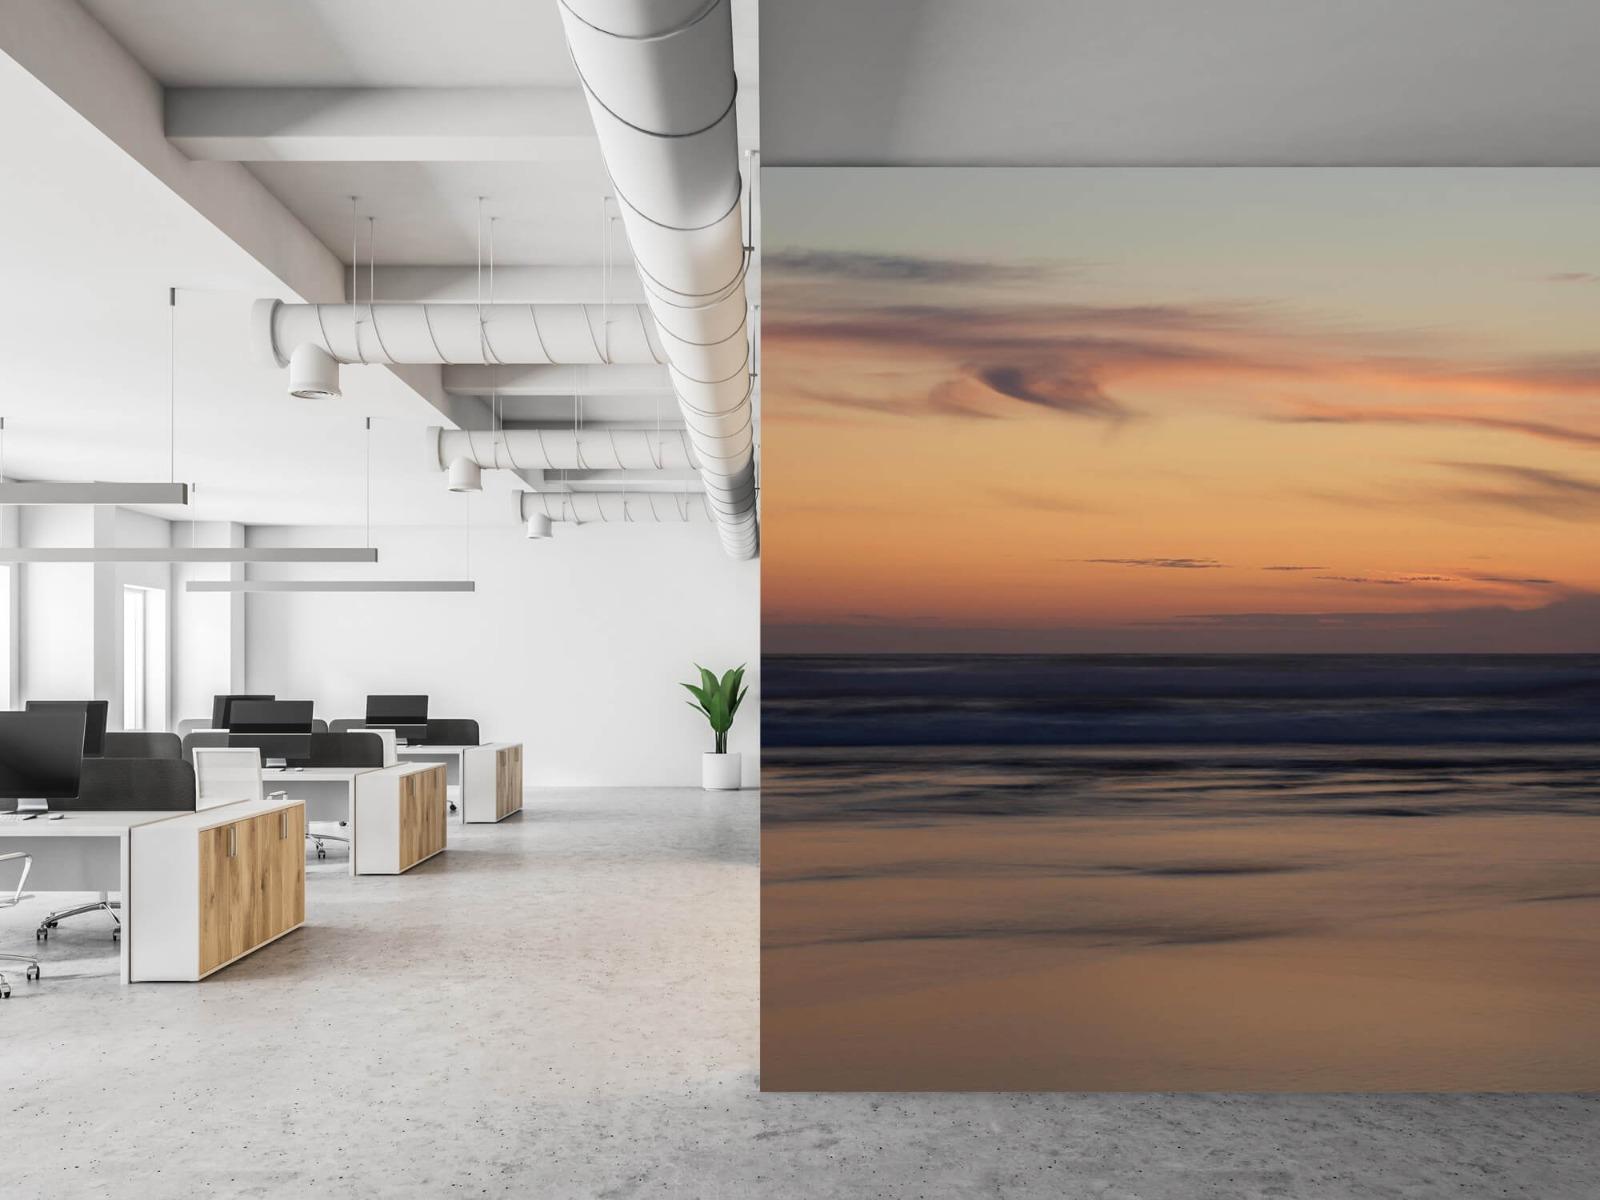 Zeeën en Oceanen - Zonsondergang aan de kust - Slaapkamer 21